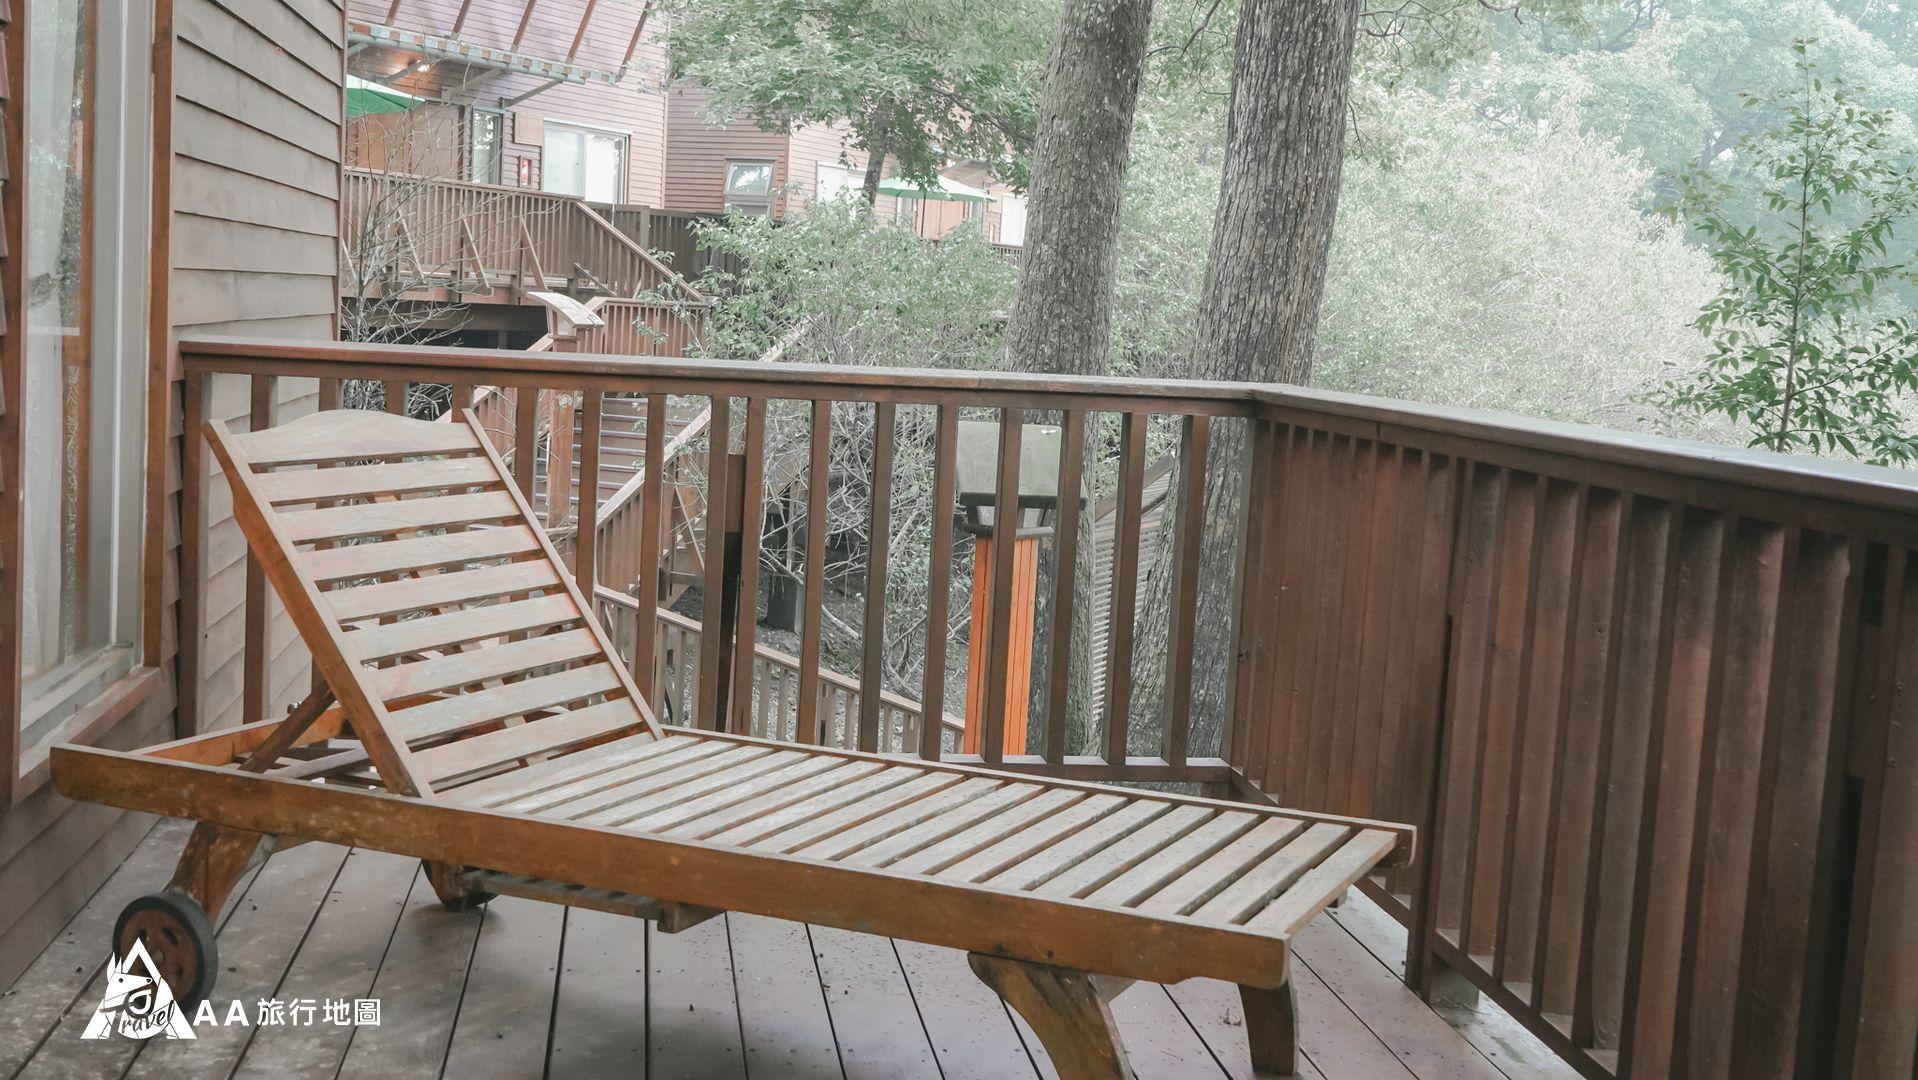 鳳凰亭序 每個小木屋外面都有一張木製躺椅,拿杯飲料躺著看景多麼的愜意